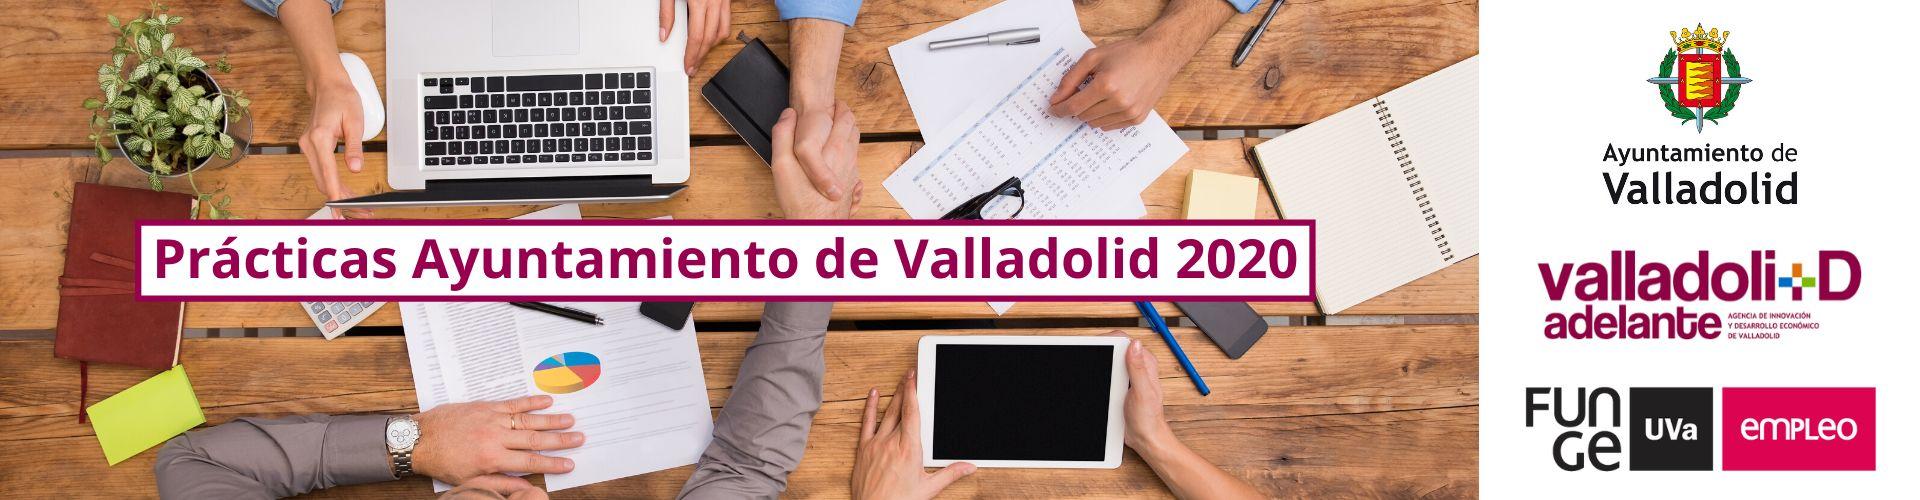 Programa de prácticas no laborales 2020 - Funge UVa - Ayuntamiento de Valladolid - Valladolid Adelante 2